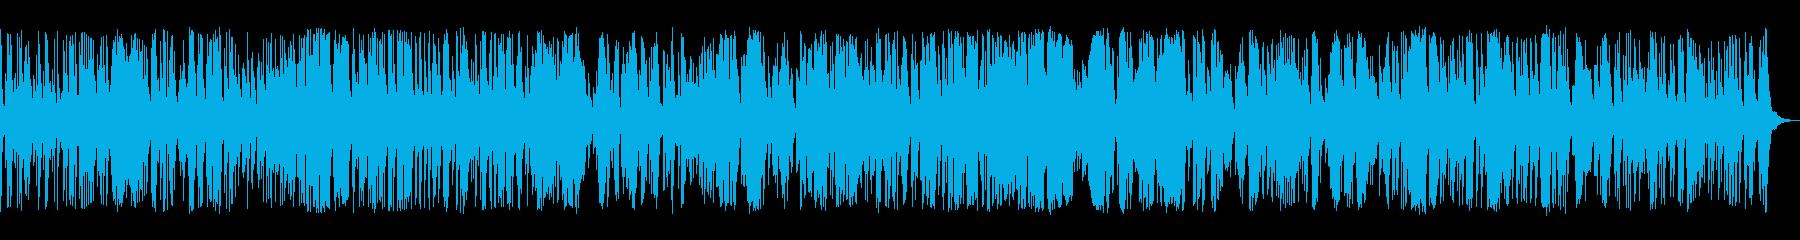 カクテルバー風ジャズピアノソロバラードの再生済みの波形